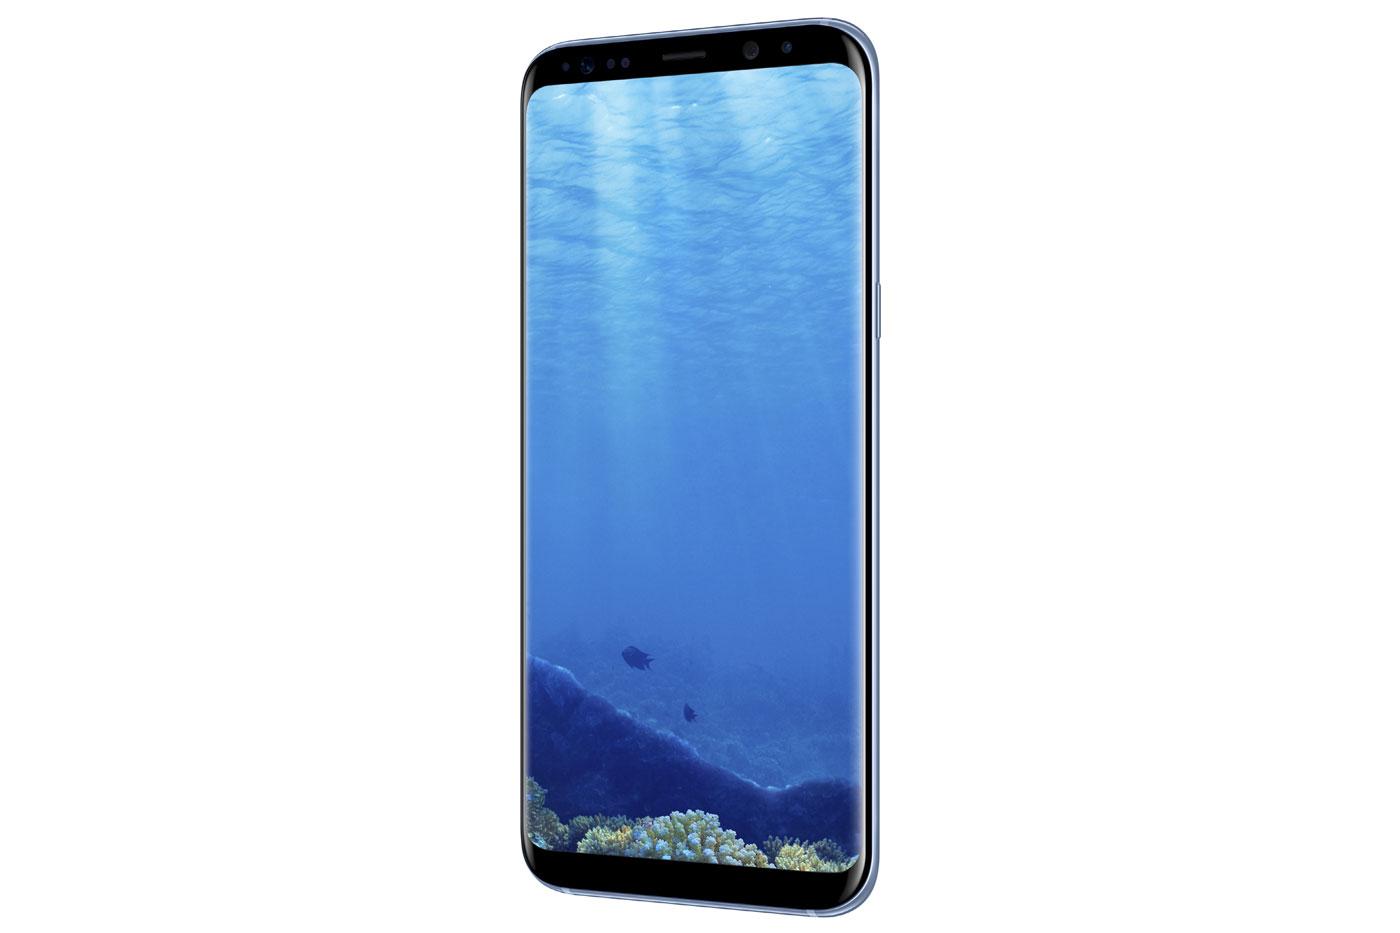 Schnäppchen des Tages: Galaxy S8+ für nur 629 Euro